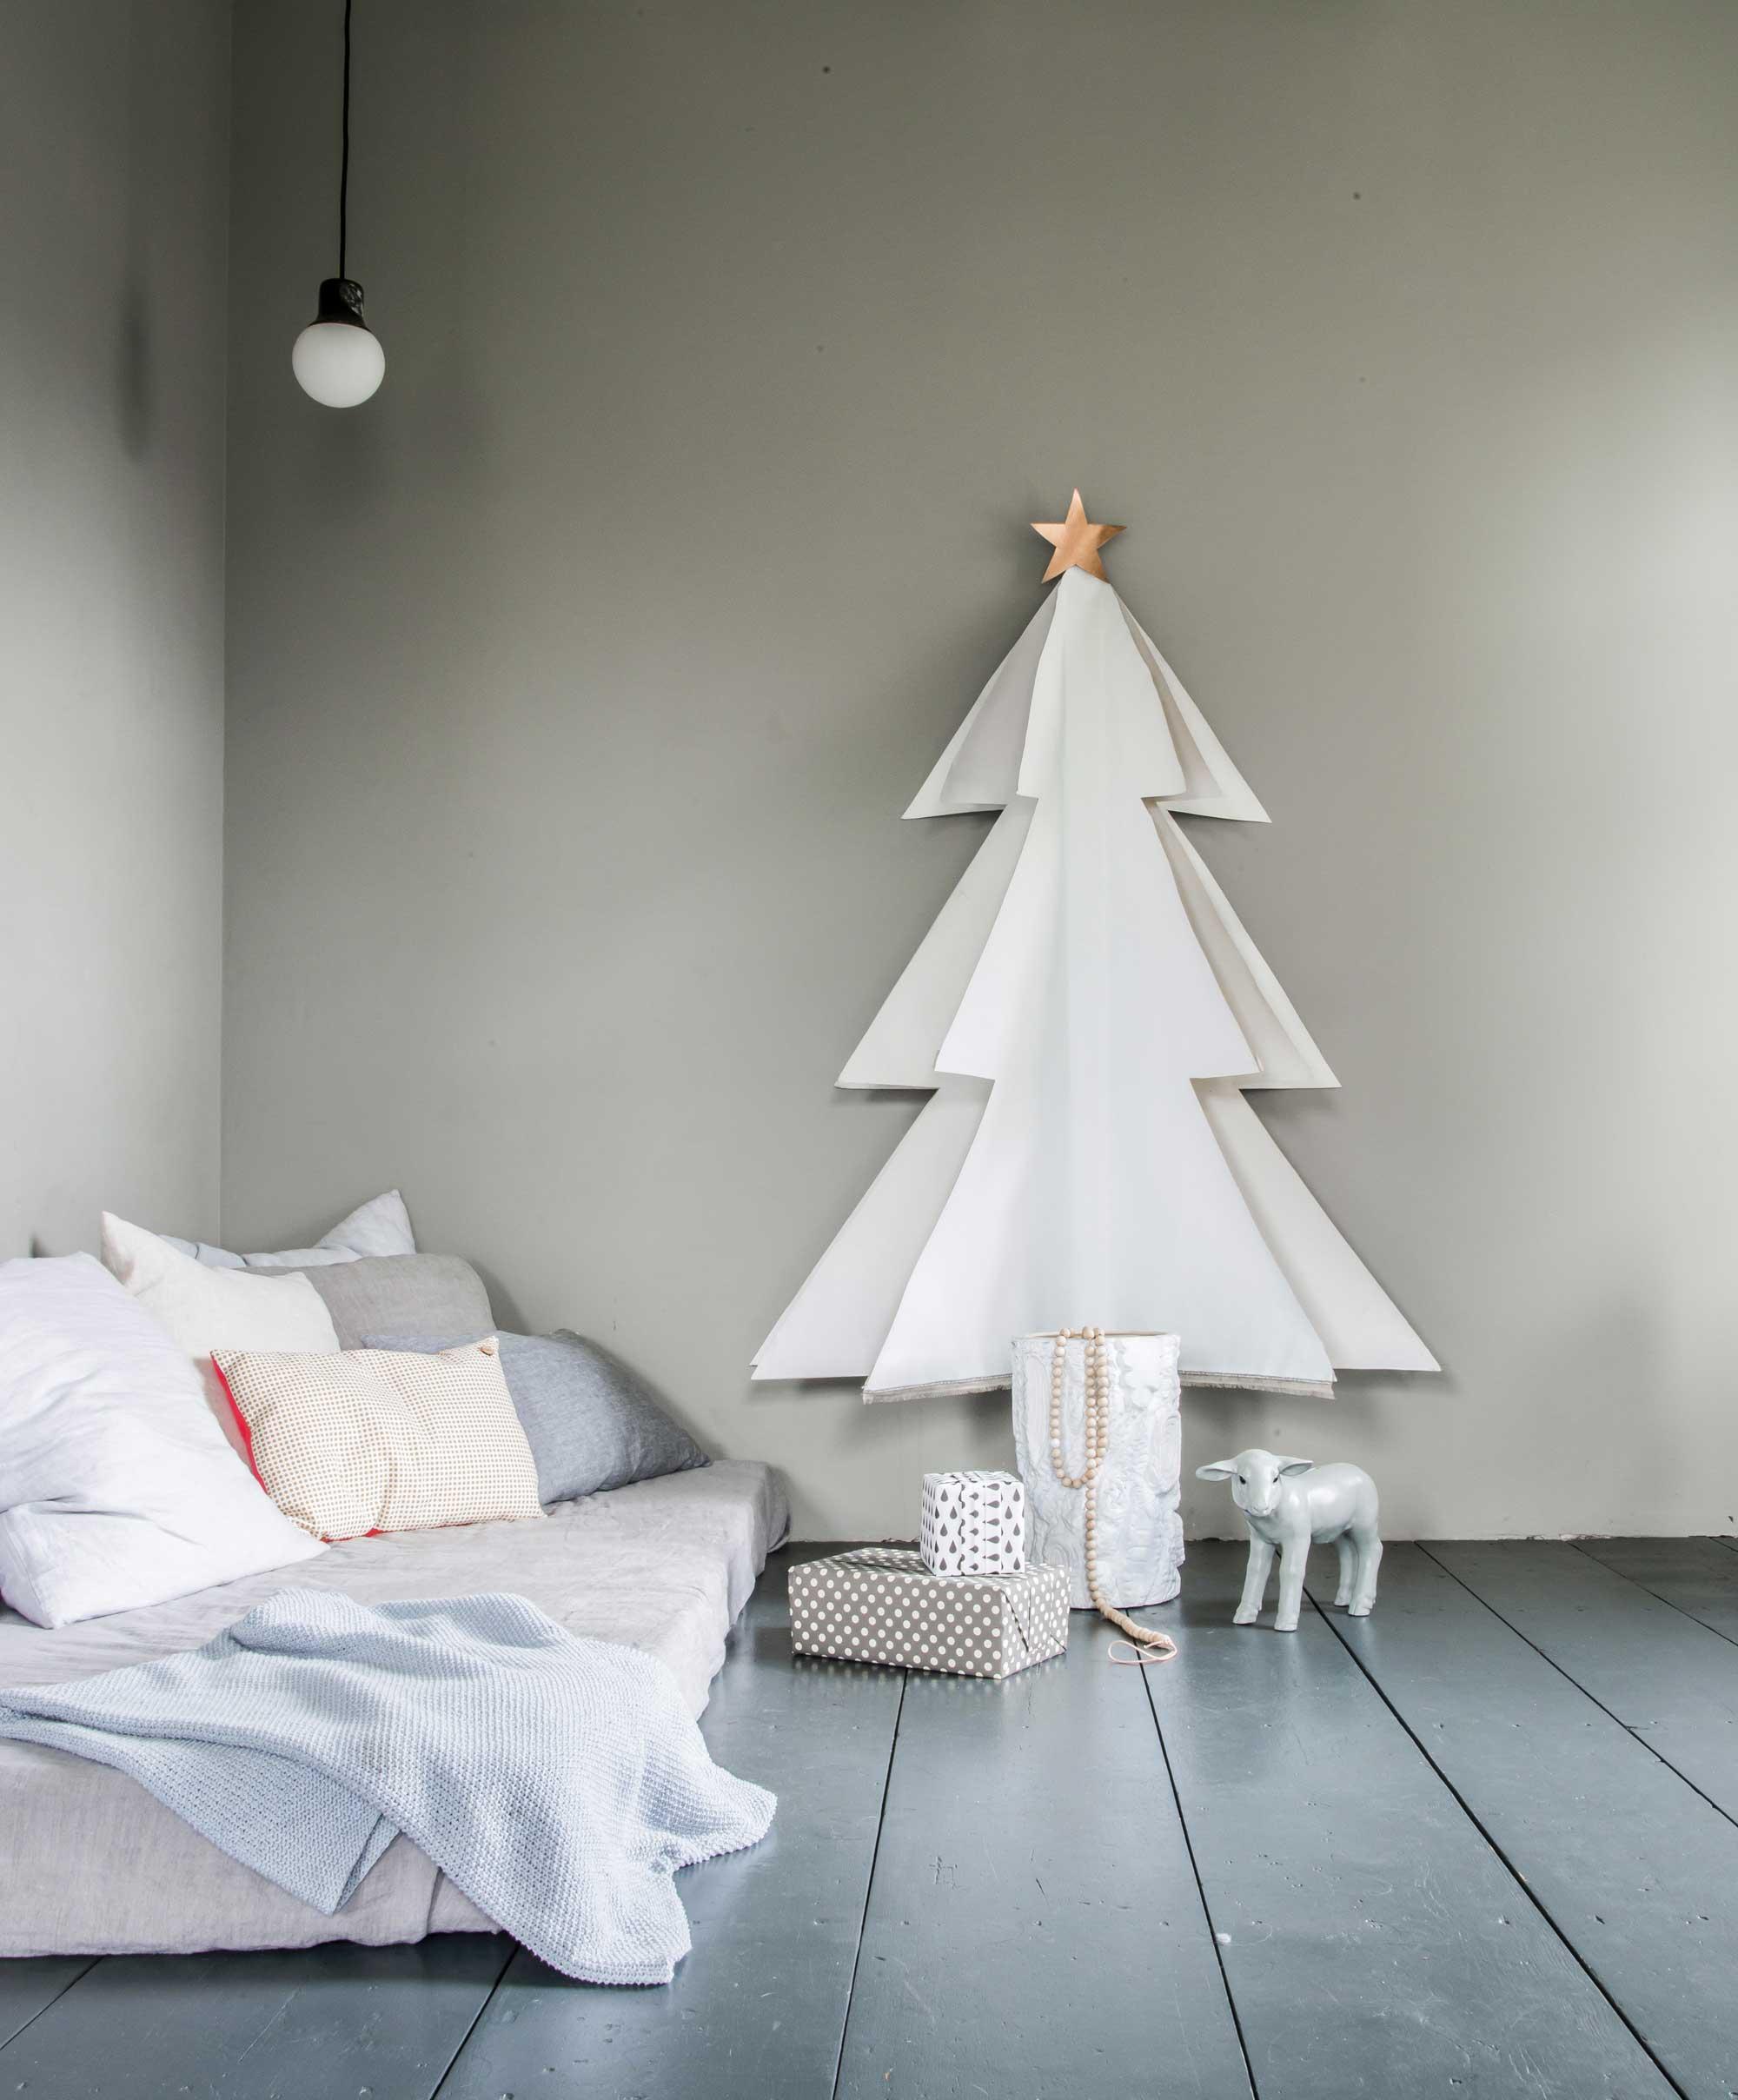 Kerstbomen zonder naalden - Canvas